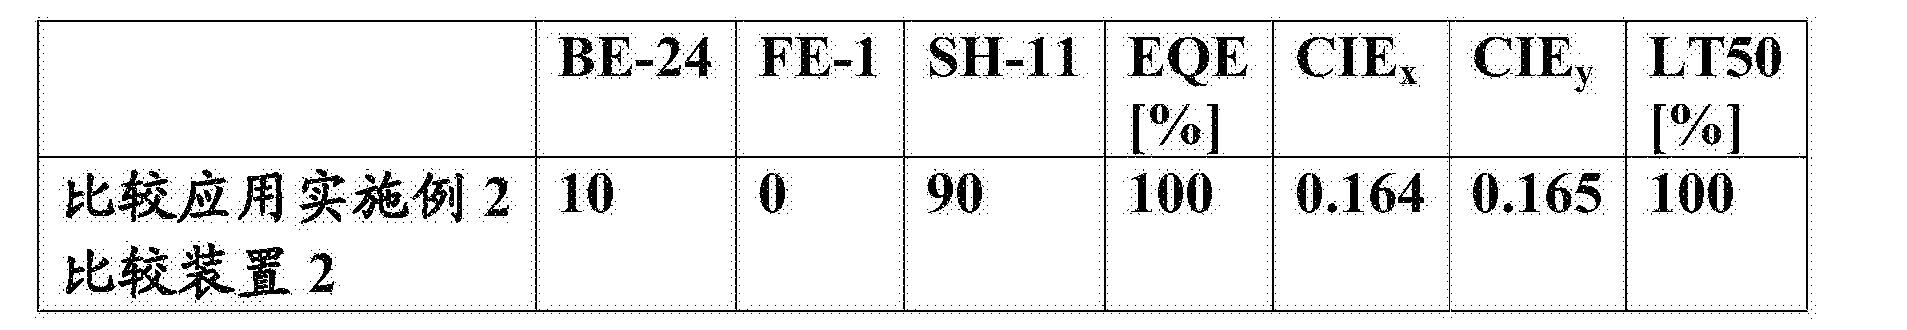 Figure CN105993083BD00652